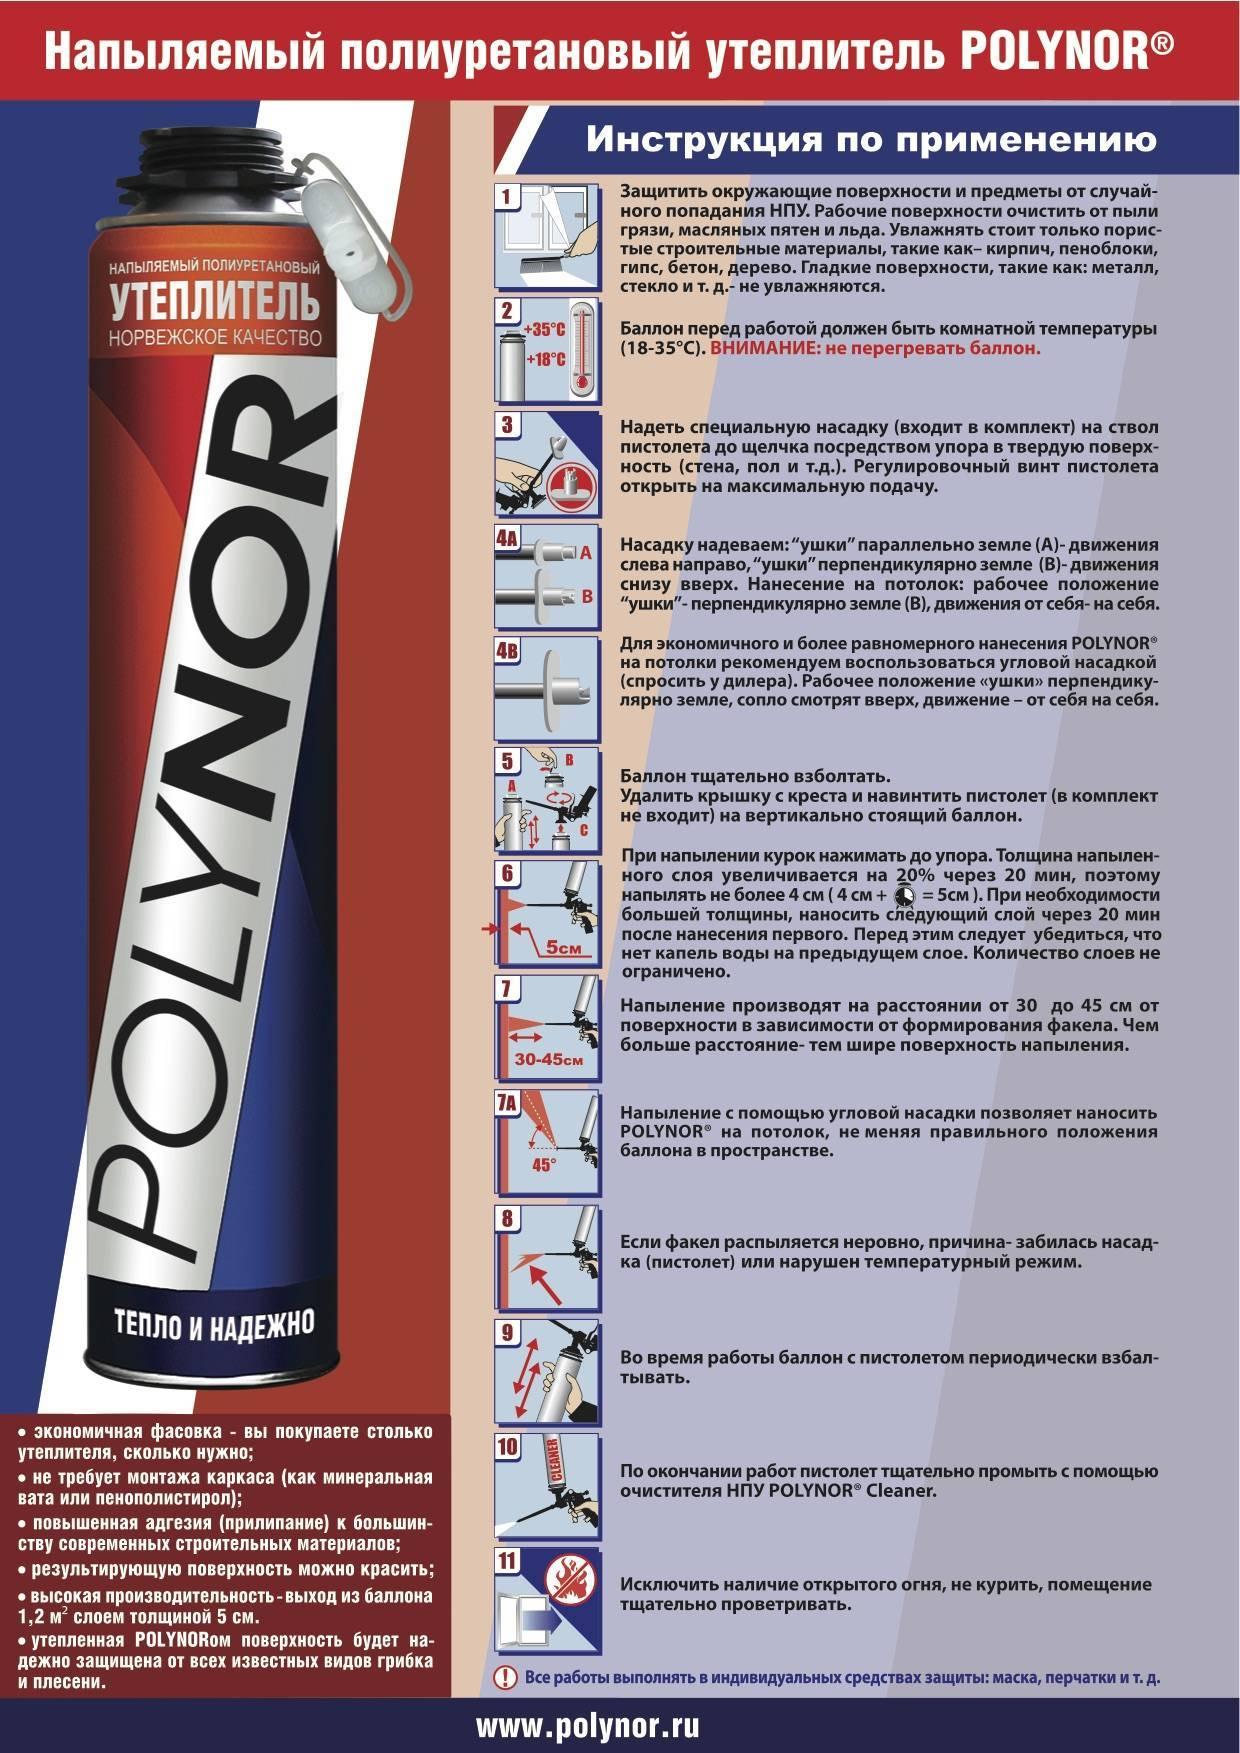 Напыляемый утеплитель в баллонах Polynor характеристики